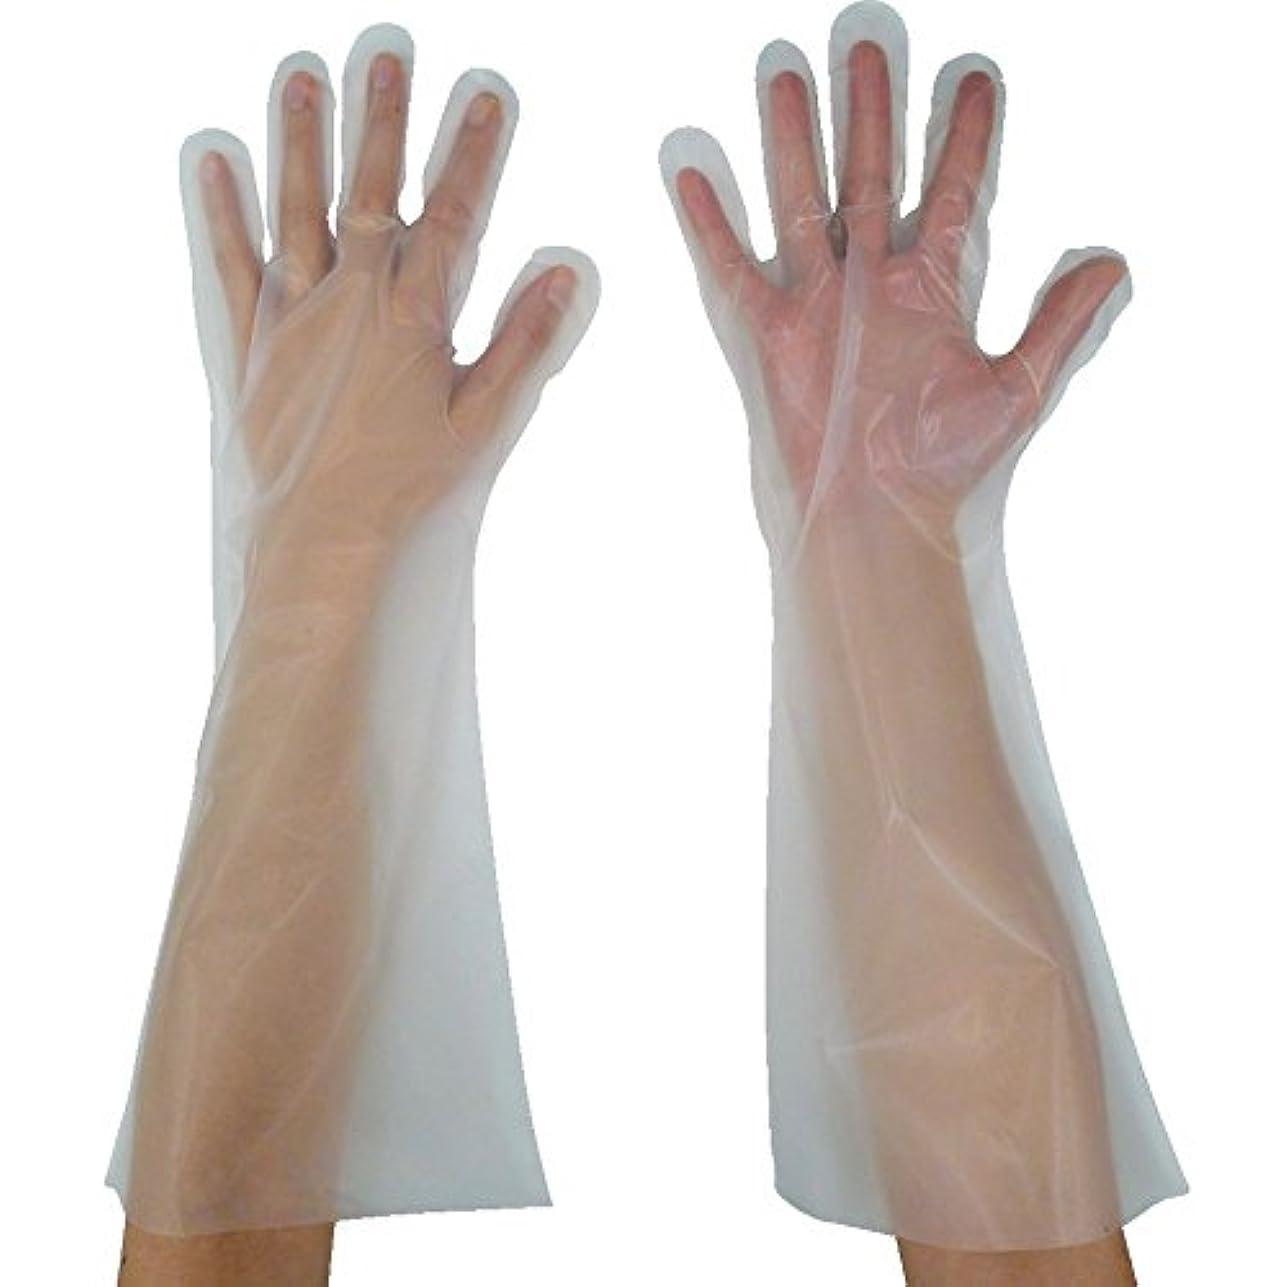 非効率的な解くマインドフル東京パック 緊急災害対策用手袋ロング五本絞りL 半透明 KL-L ポリエチレン使い捨て手袋